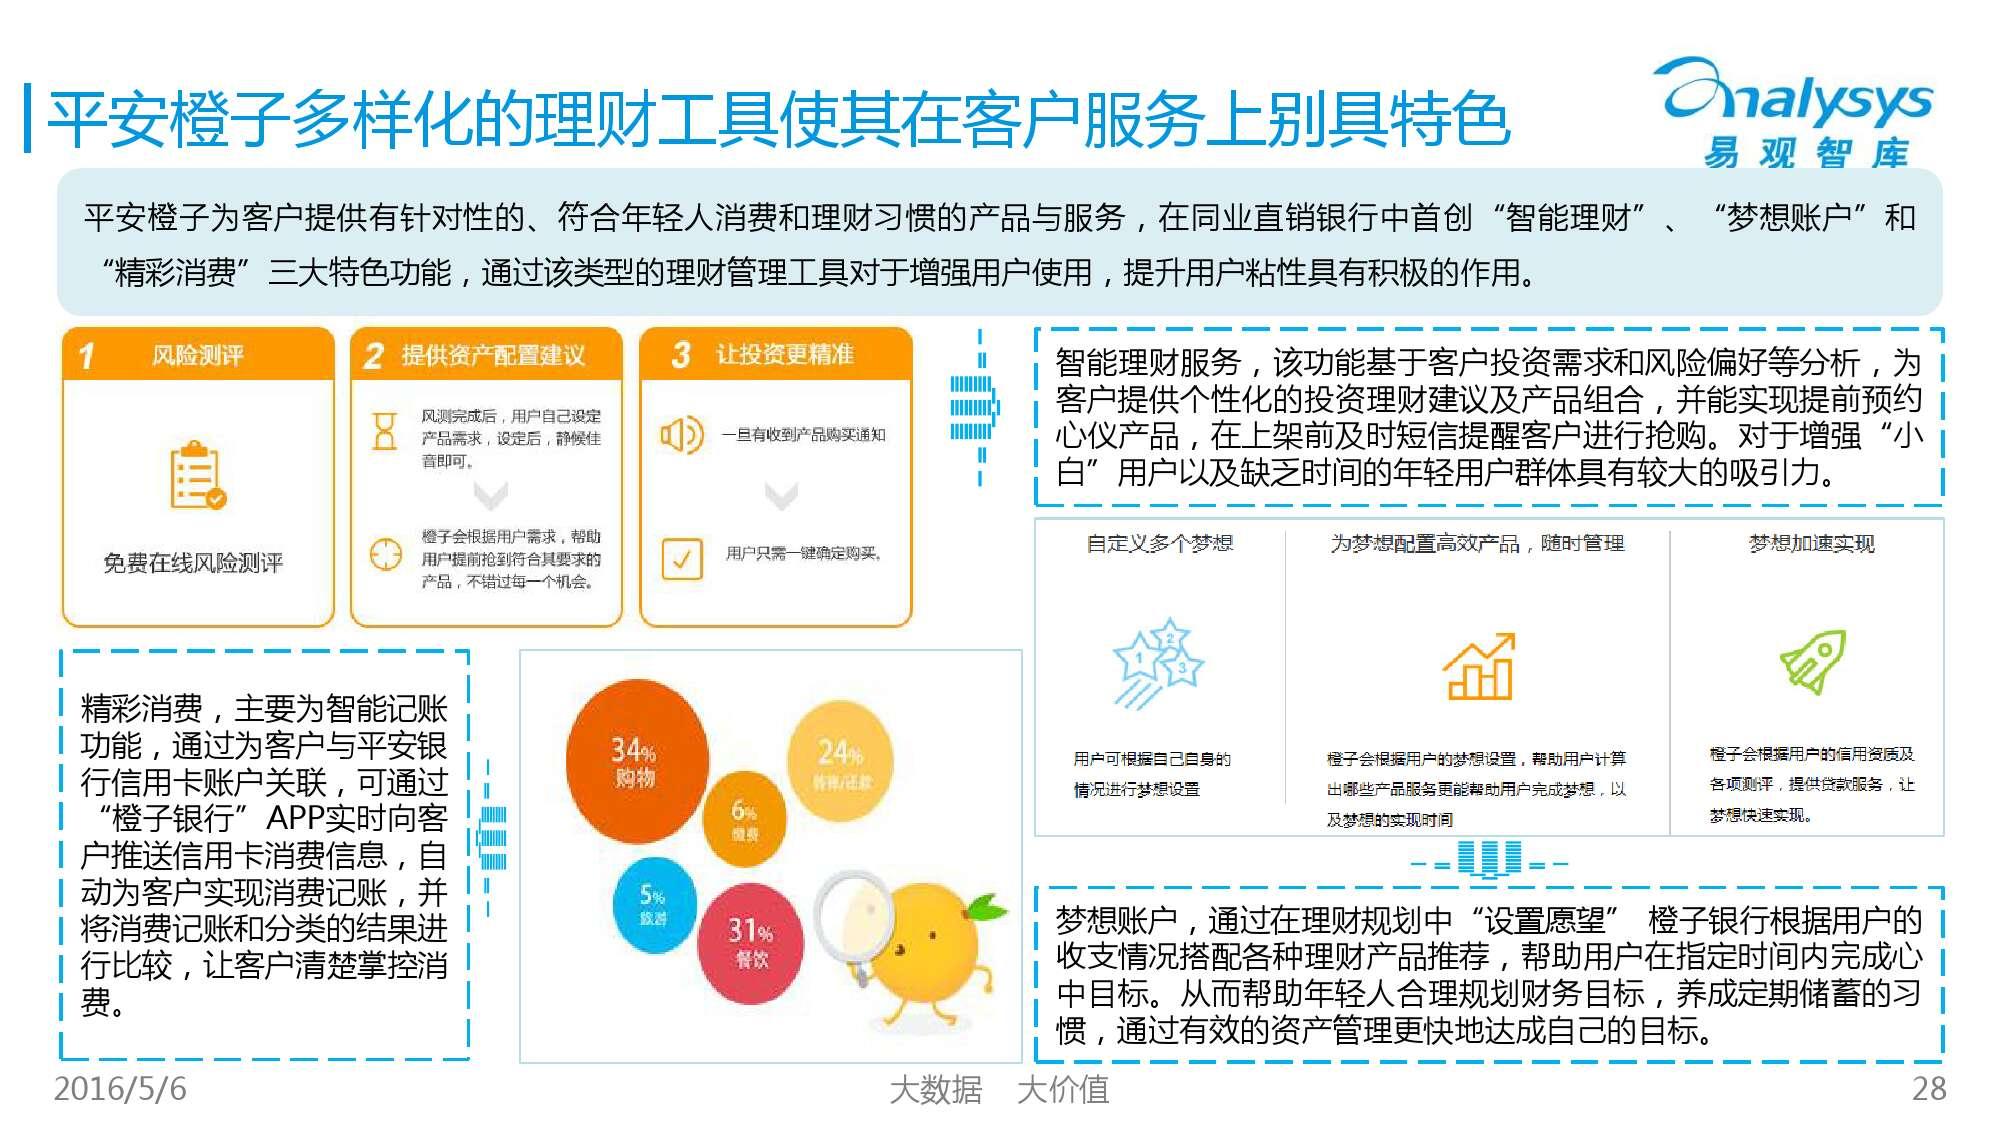 2016年中国直销银行市场专题研究报告_000028